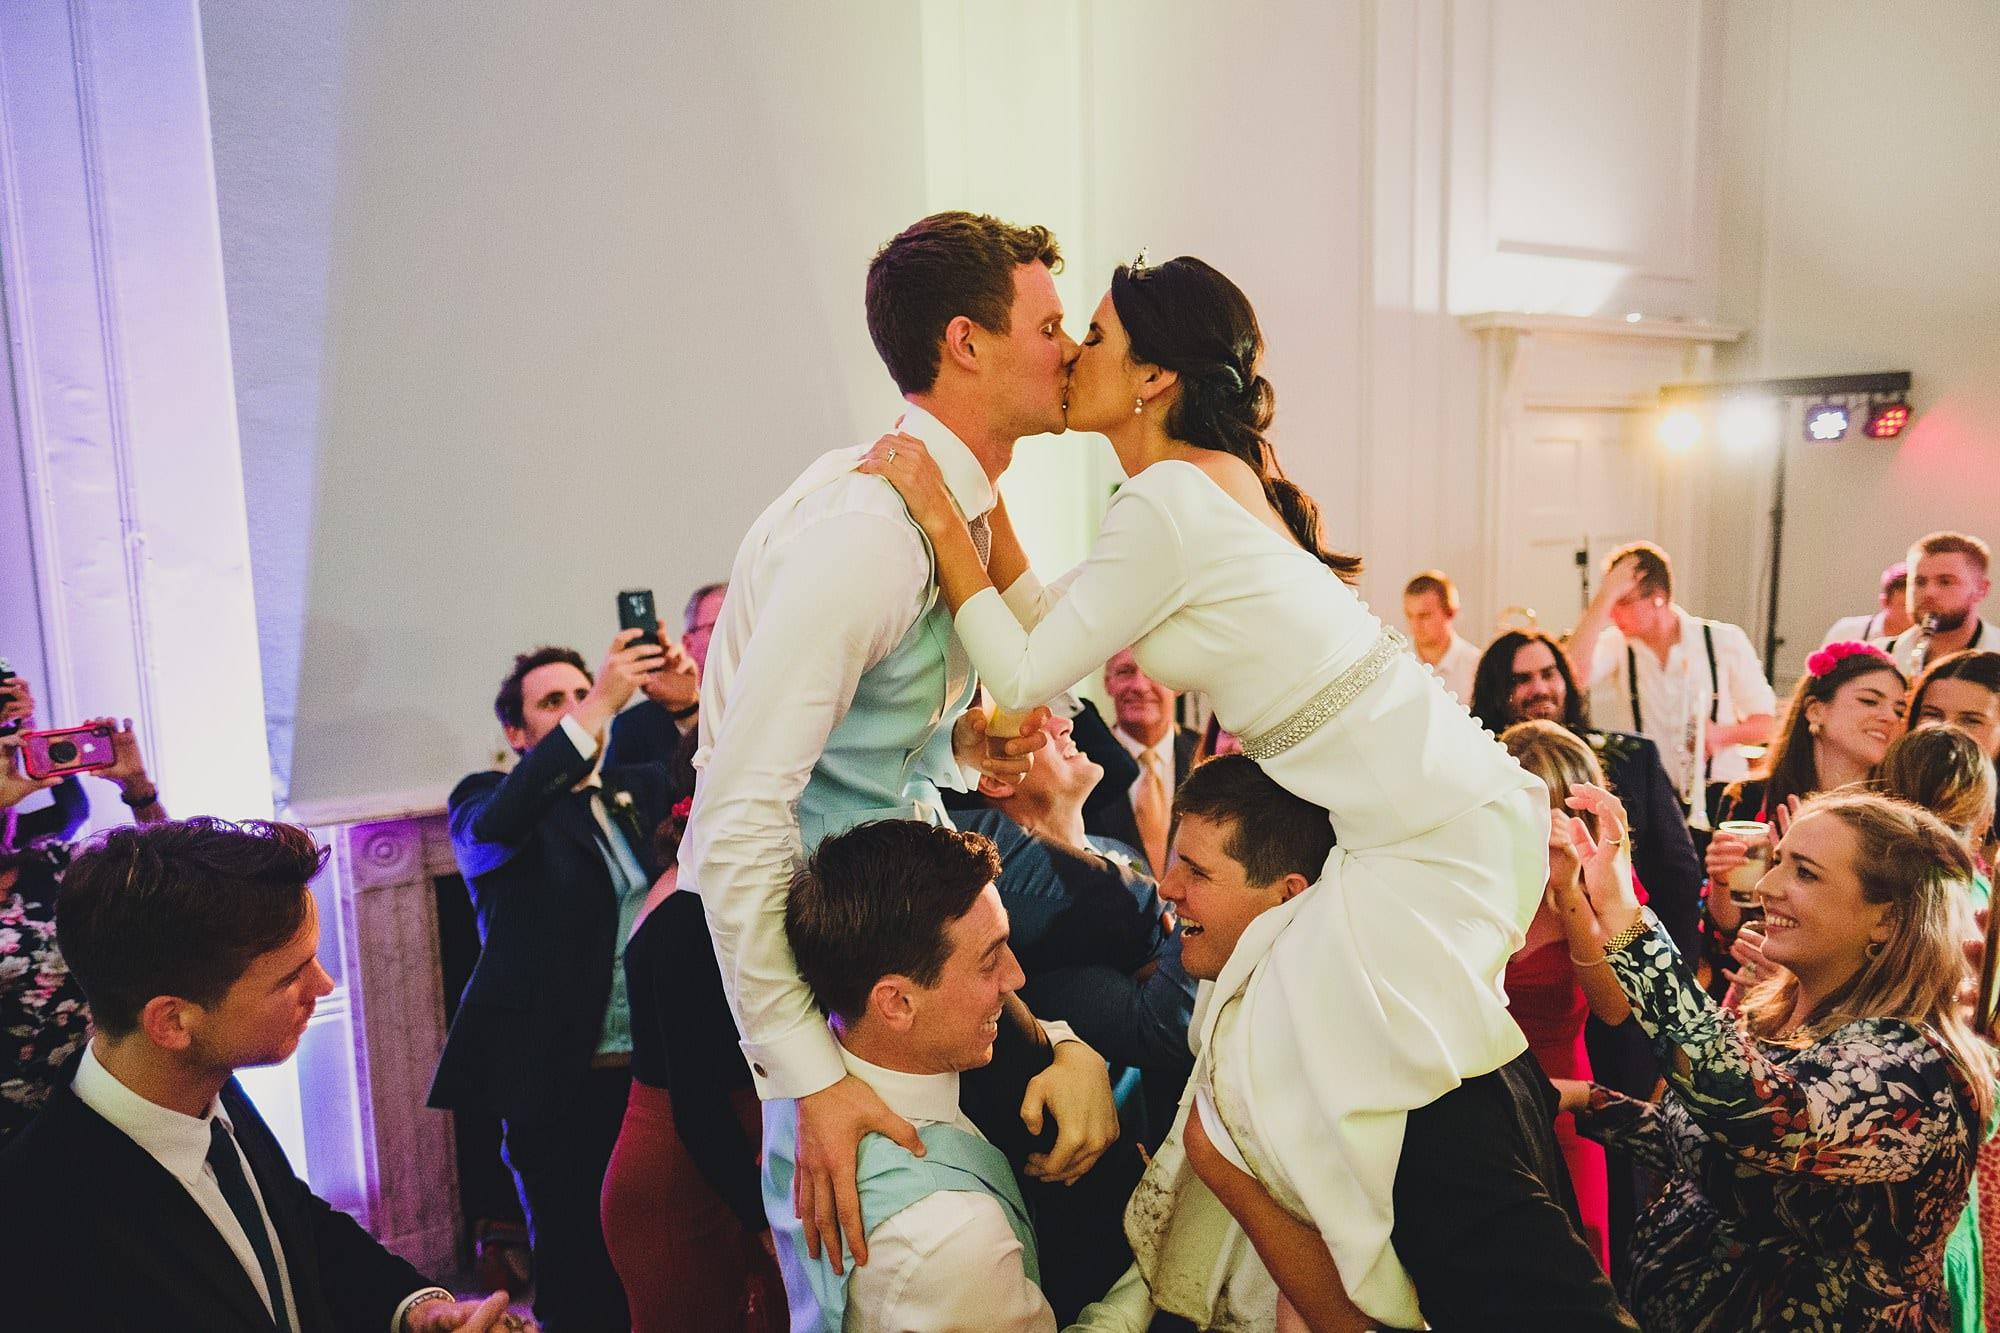 fulham palace wedding photographer ok 101 - Olivia + Kyle